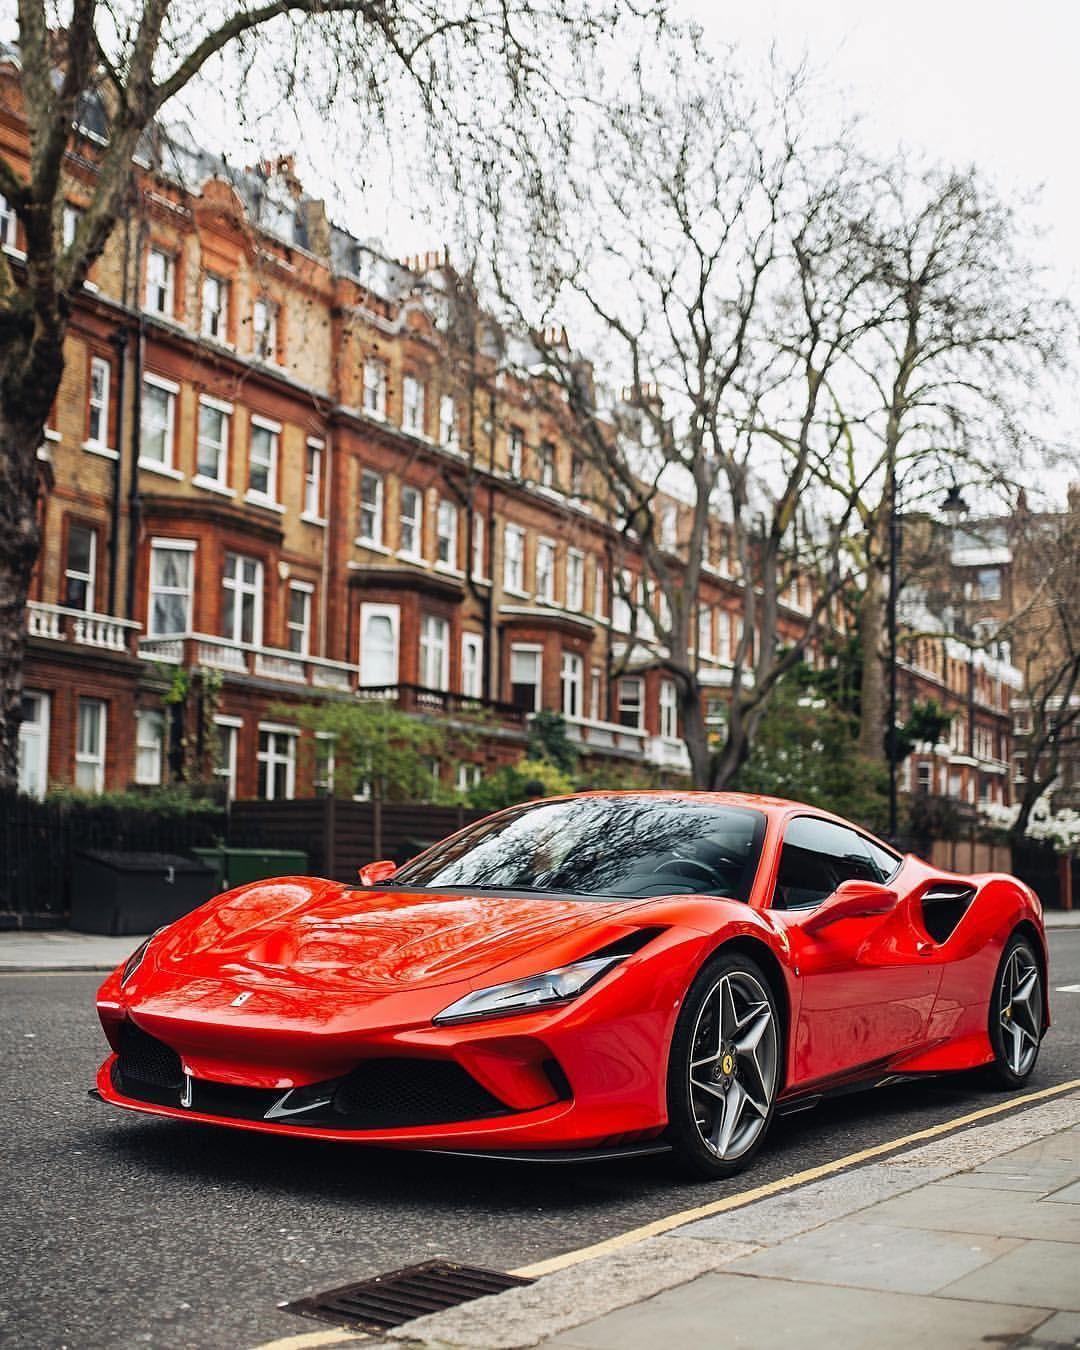 F8 Tributo Interior: The Ferrari F8 Tributo In London! @hrowenferrari